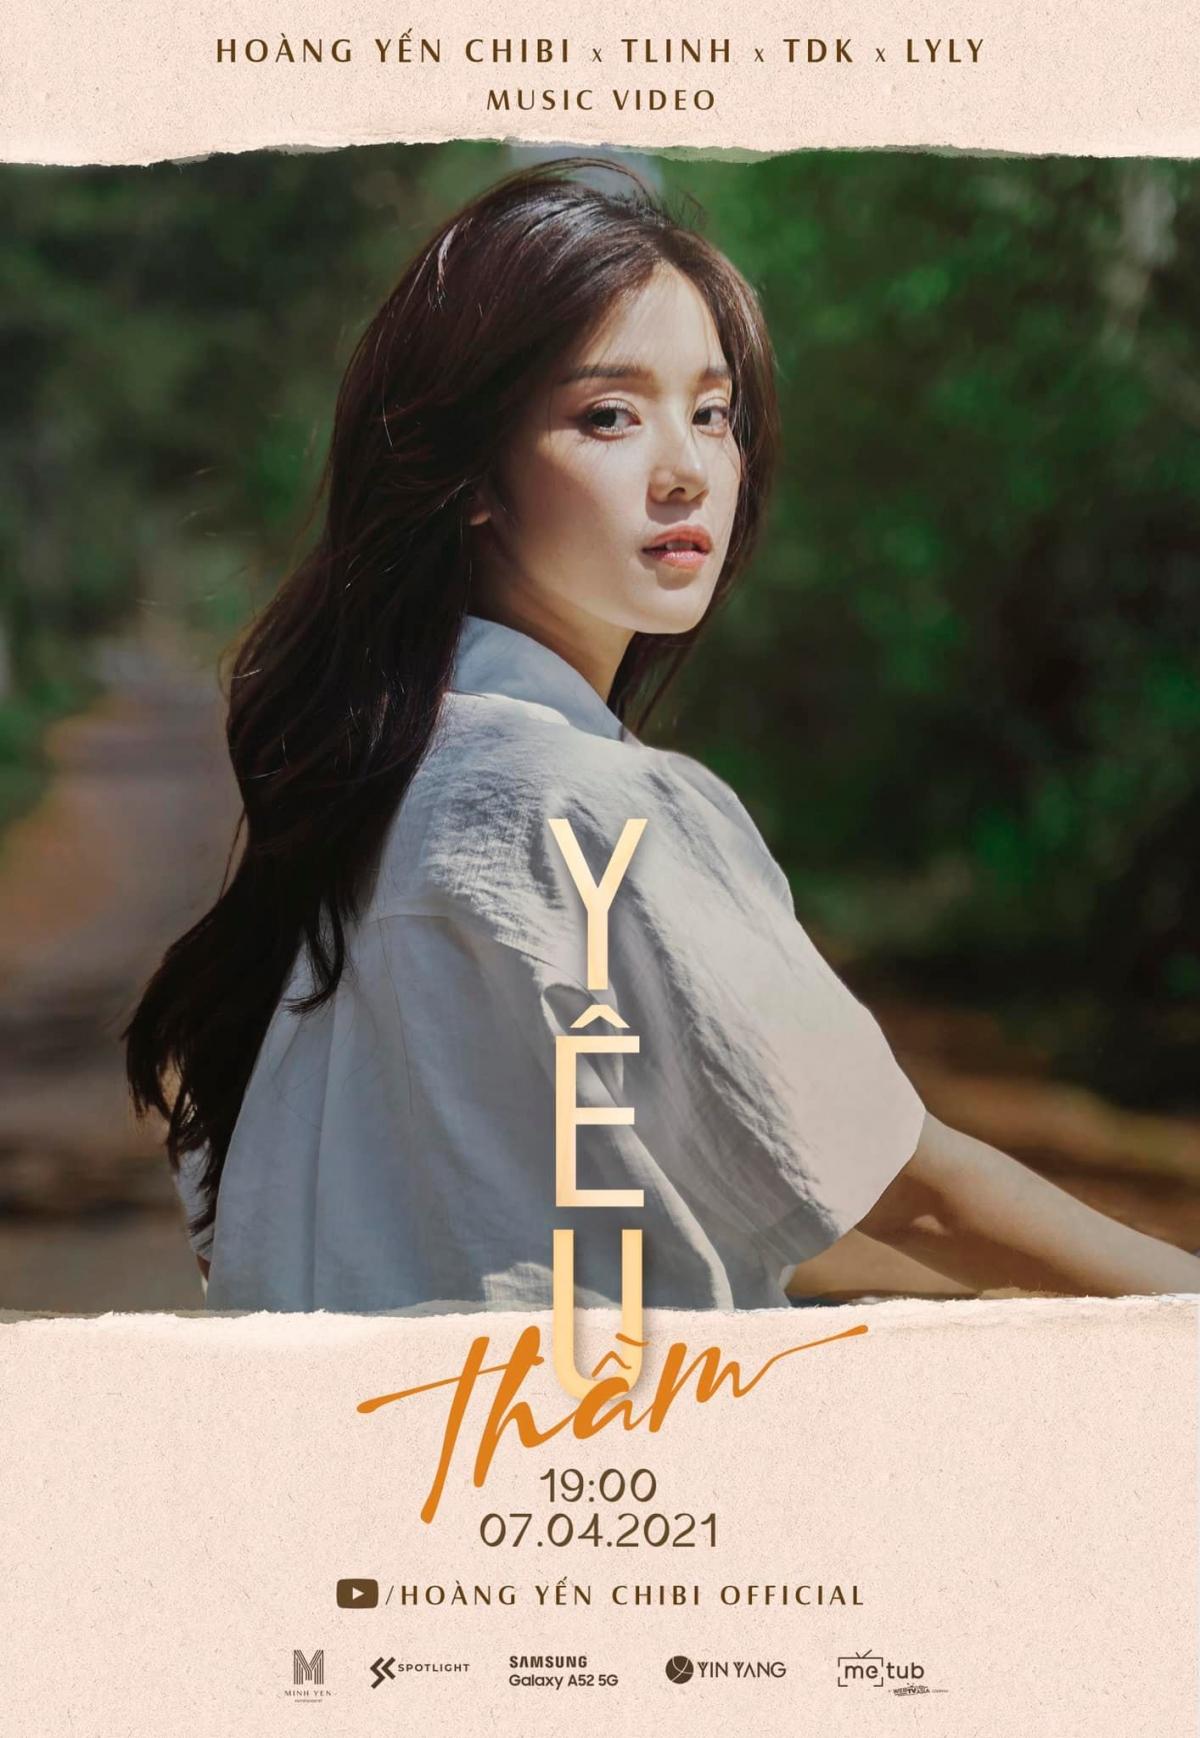 """Hoàng Yến Chibi trở lại đường đua âm nhạc với ca khúc mới """"Yêu thầm""""."""